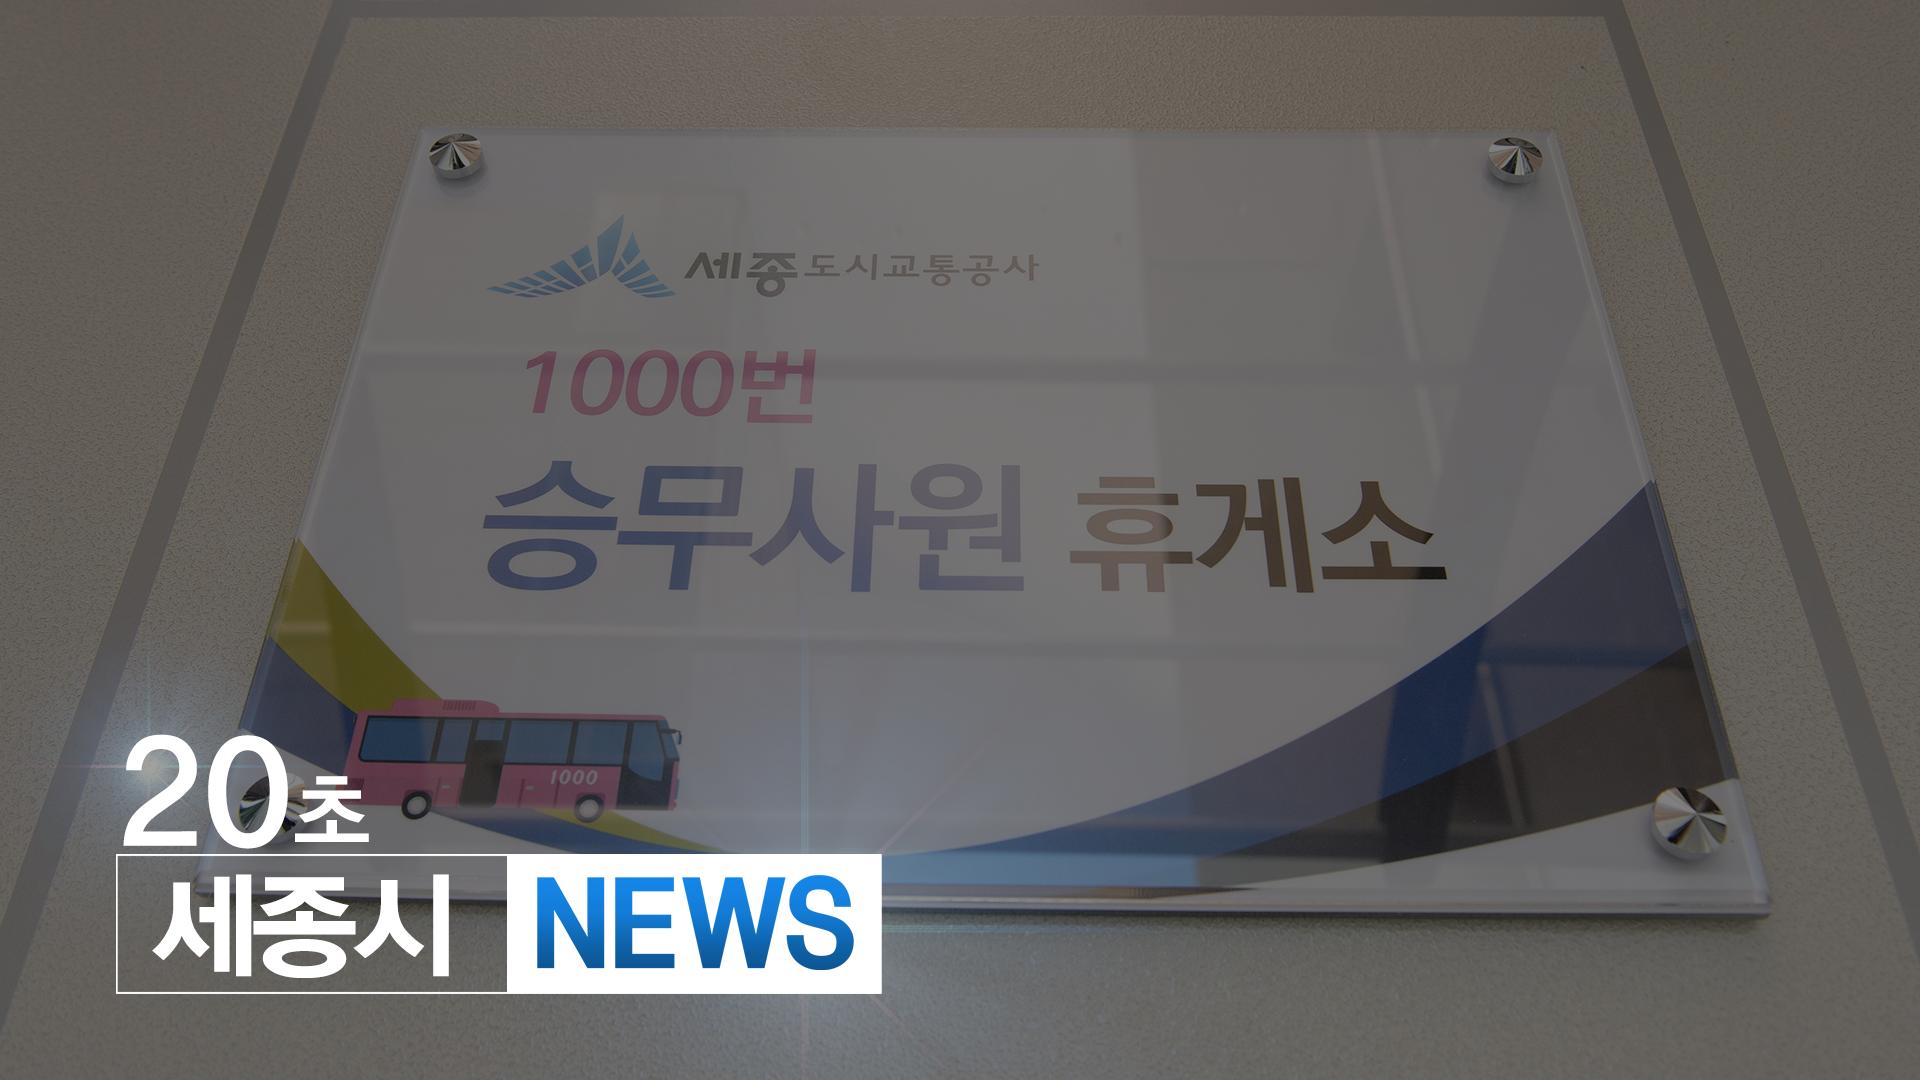 <20초뉴스> 세종교통공사, 1000번 버스 승무원 휴게실 개소